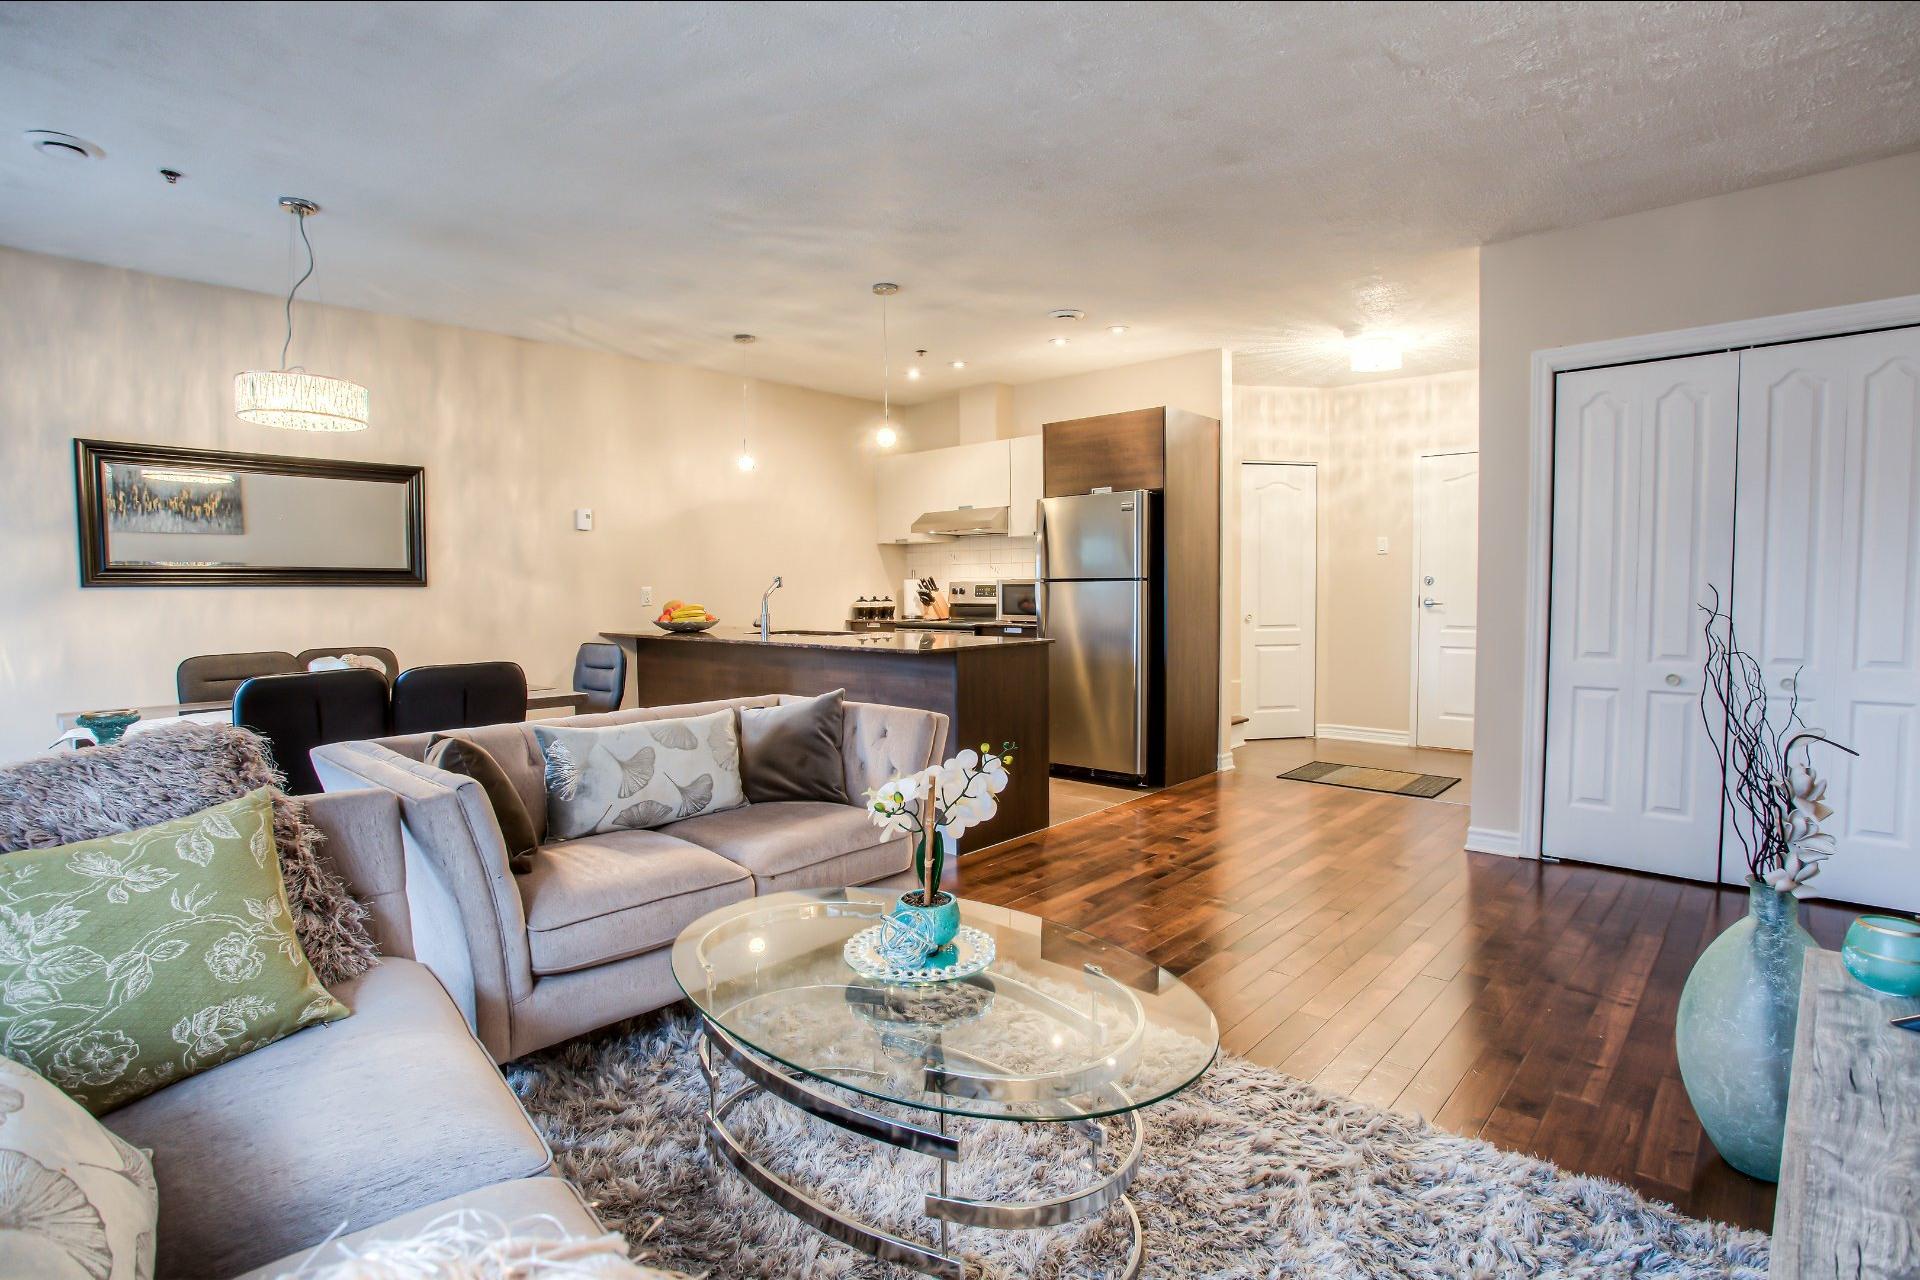 image 13 - Apartment For sale Saint-Laurent Montréal  - 9 rooms